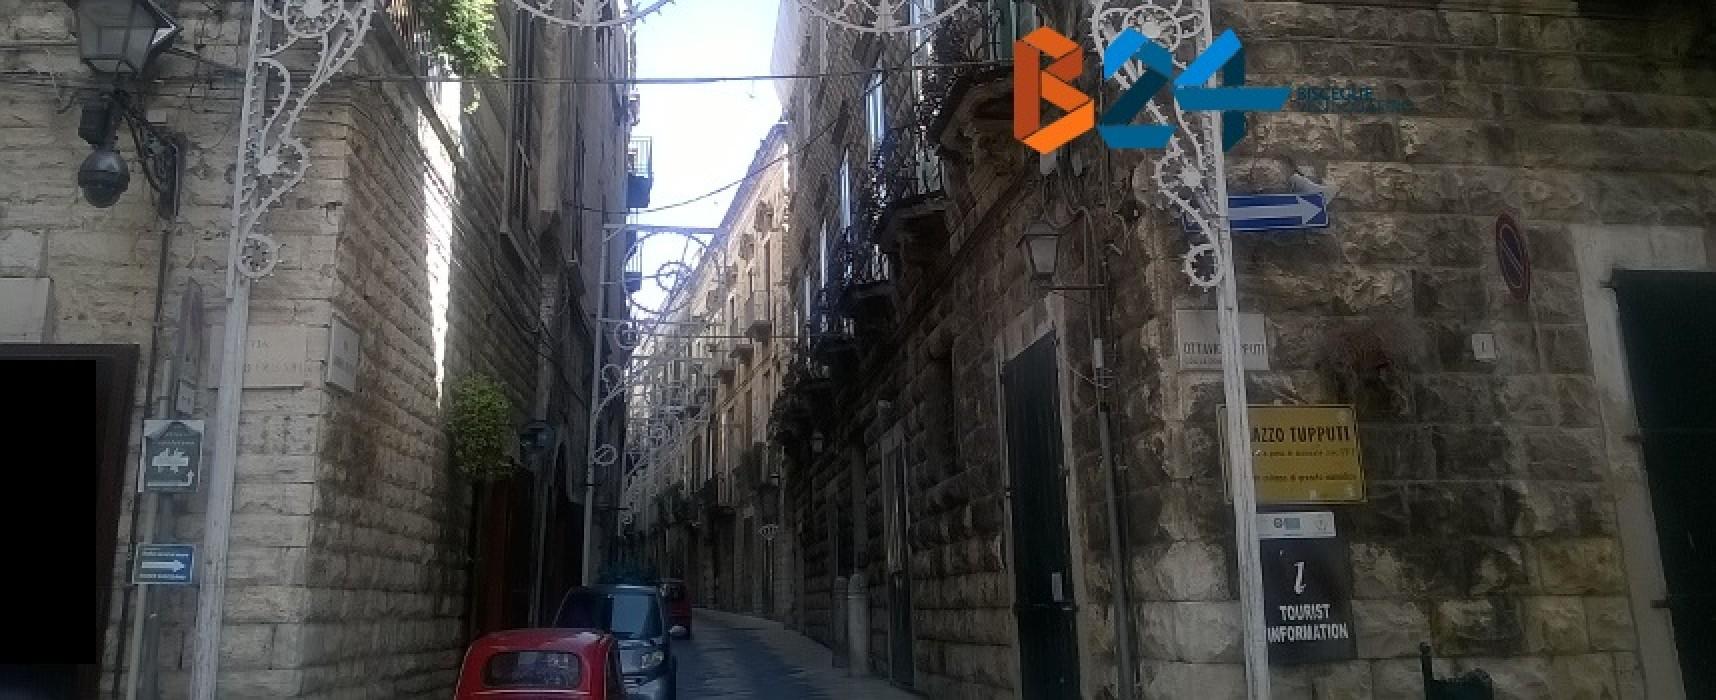 Regione Puglia finanzia 5 milioni di euro per centro storico e quartiere Cittadella